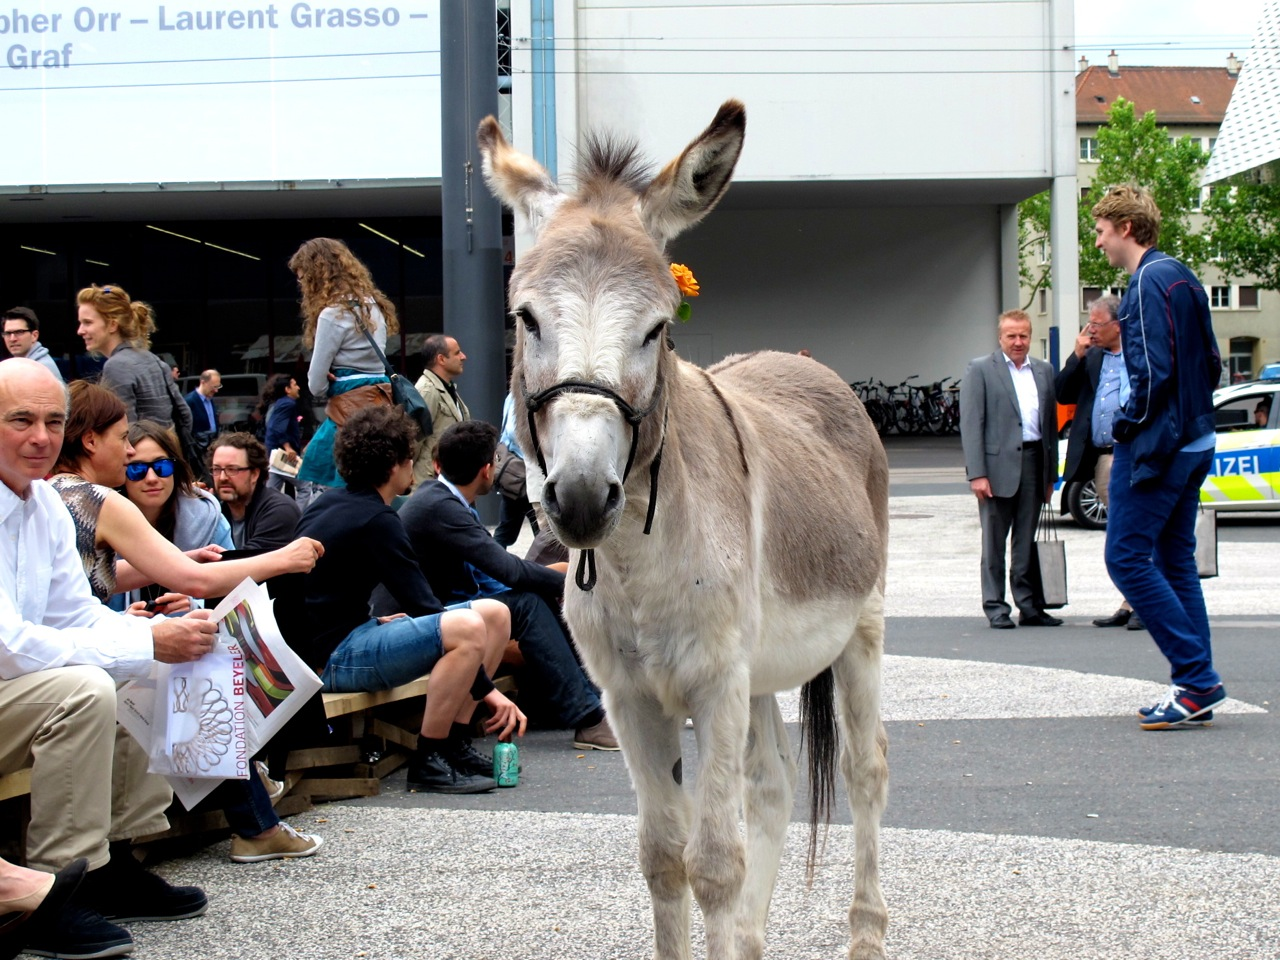 Esel auf der Art Basel